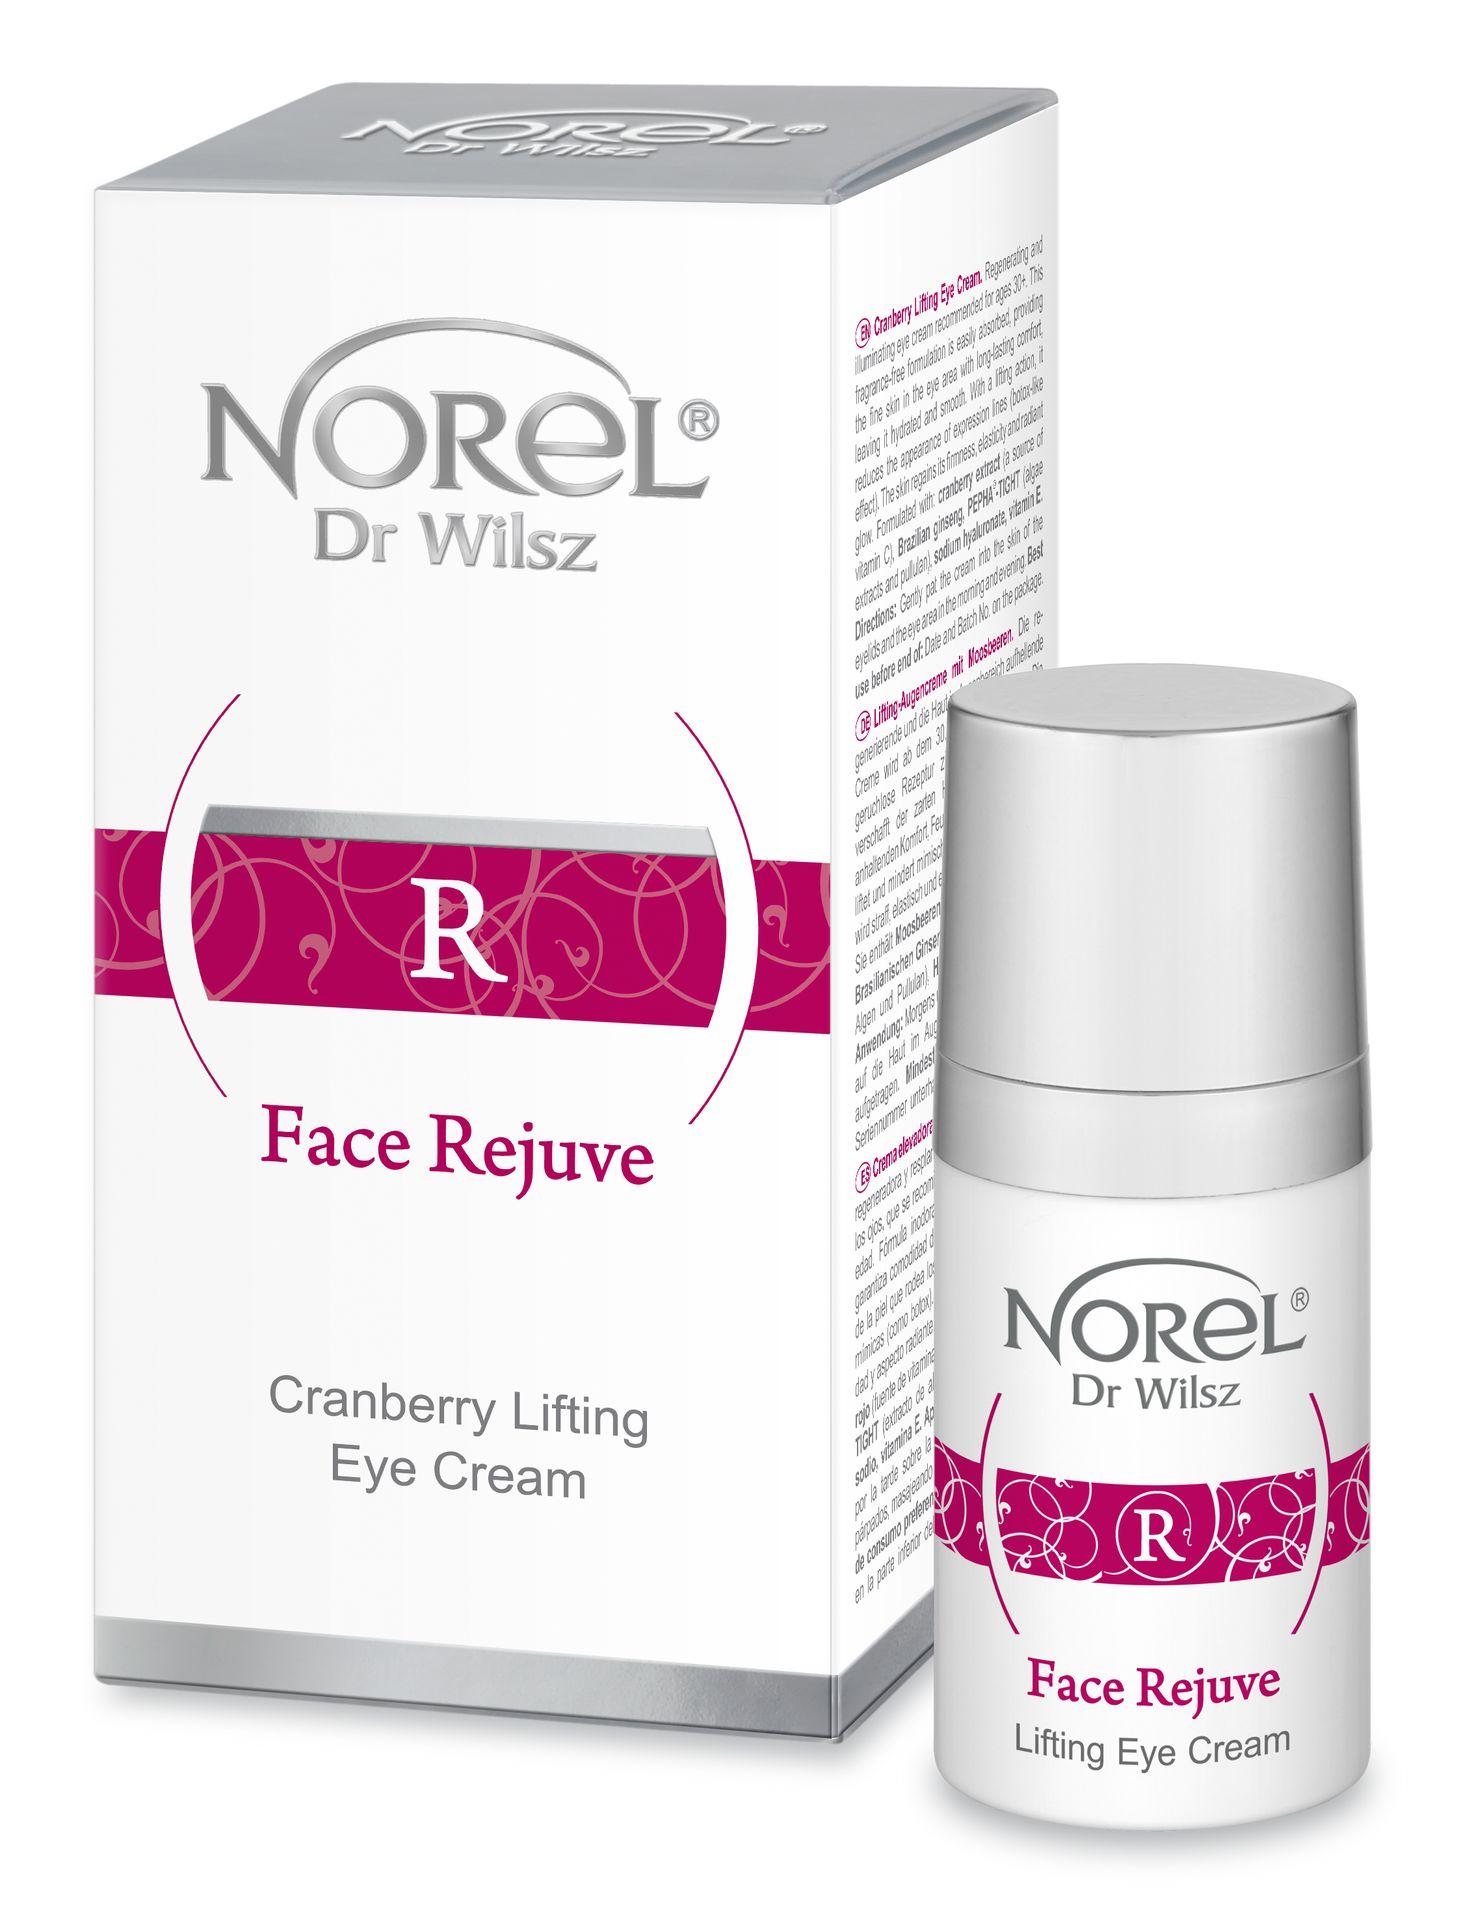 NOREL Dr. Wilsz Эмульсия-лифтинг заполняющая морщины в периорбитальной области, с комплексом синейков и пептидами / Lifting cranberry eye cream 15 мл - Эмульсии